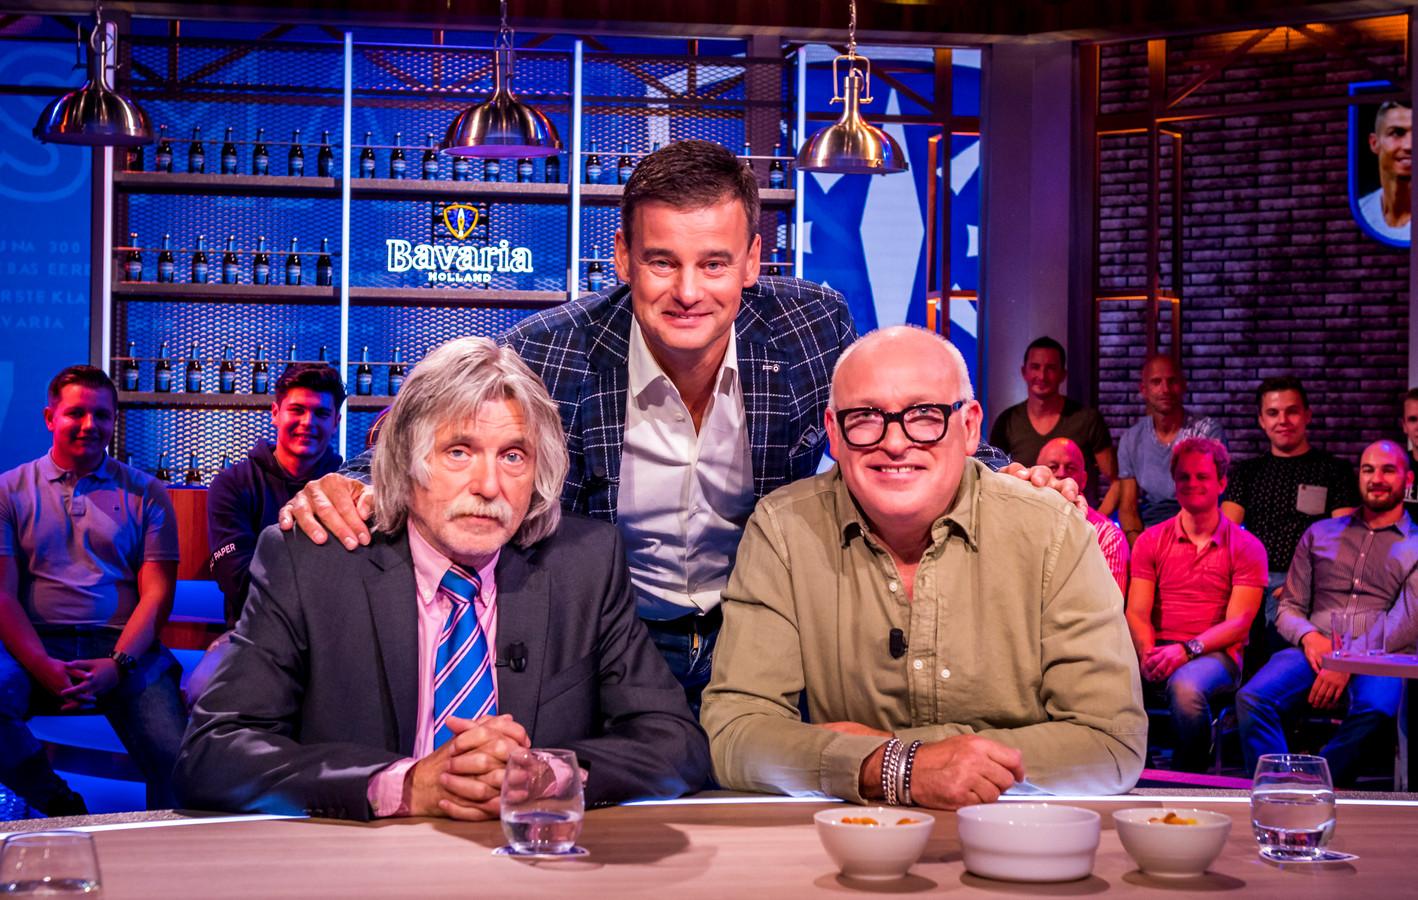 Vlnr: Johan Derksen, Wilfred Genee en Rene van der Gijp.